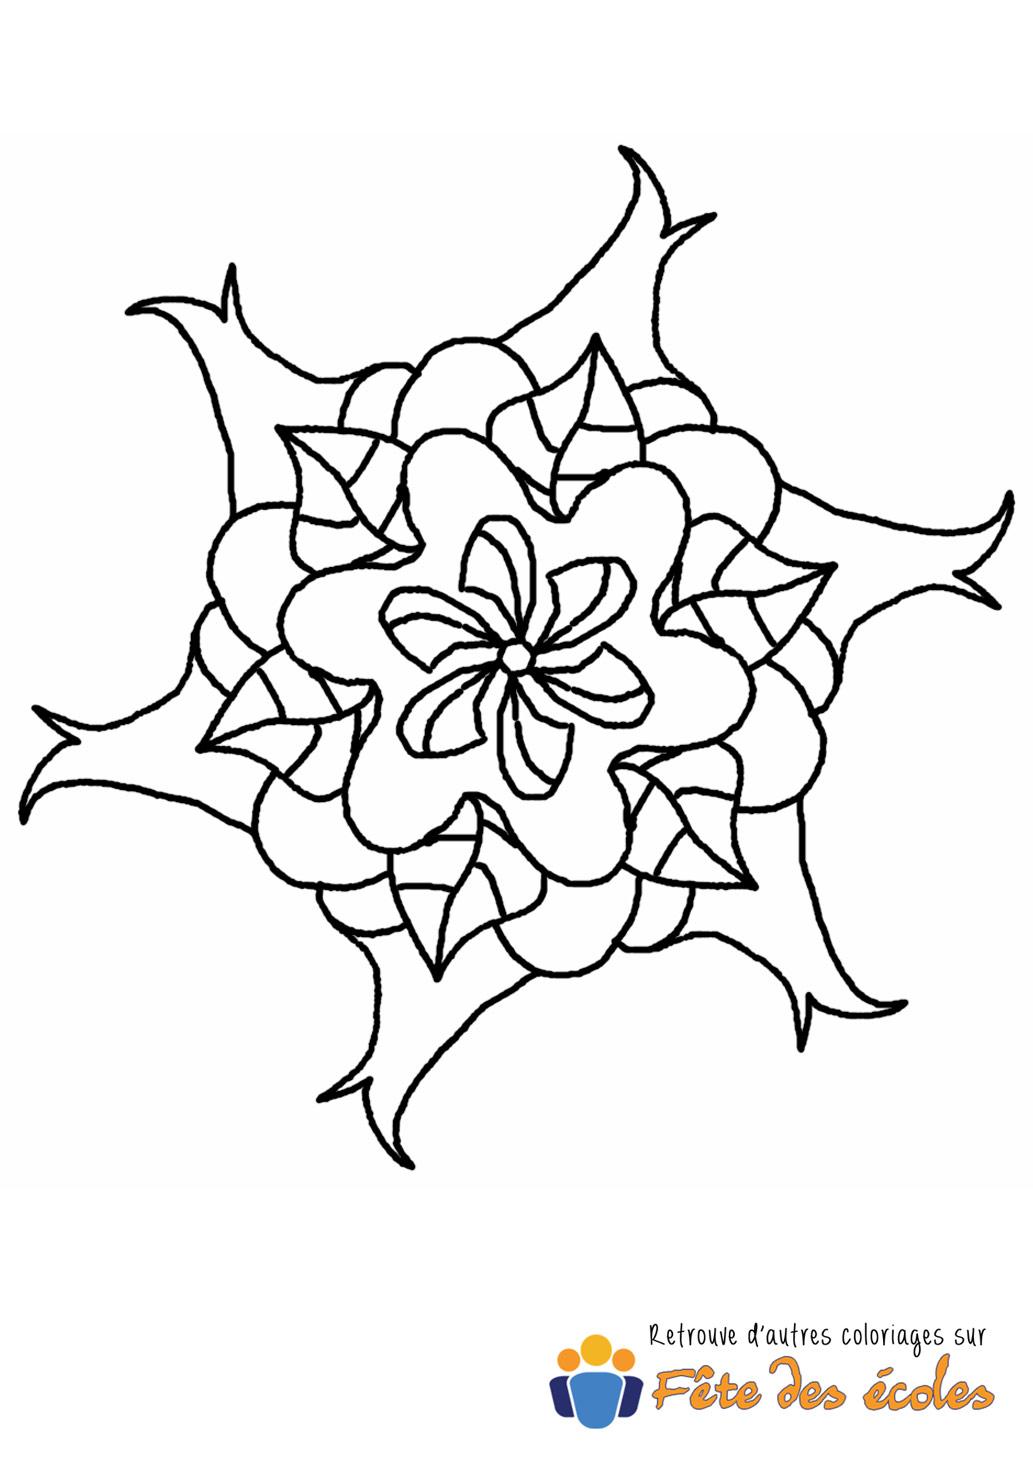 Coloriage De Mandala Etoile.Coloriage De Mandala Etoile